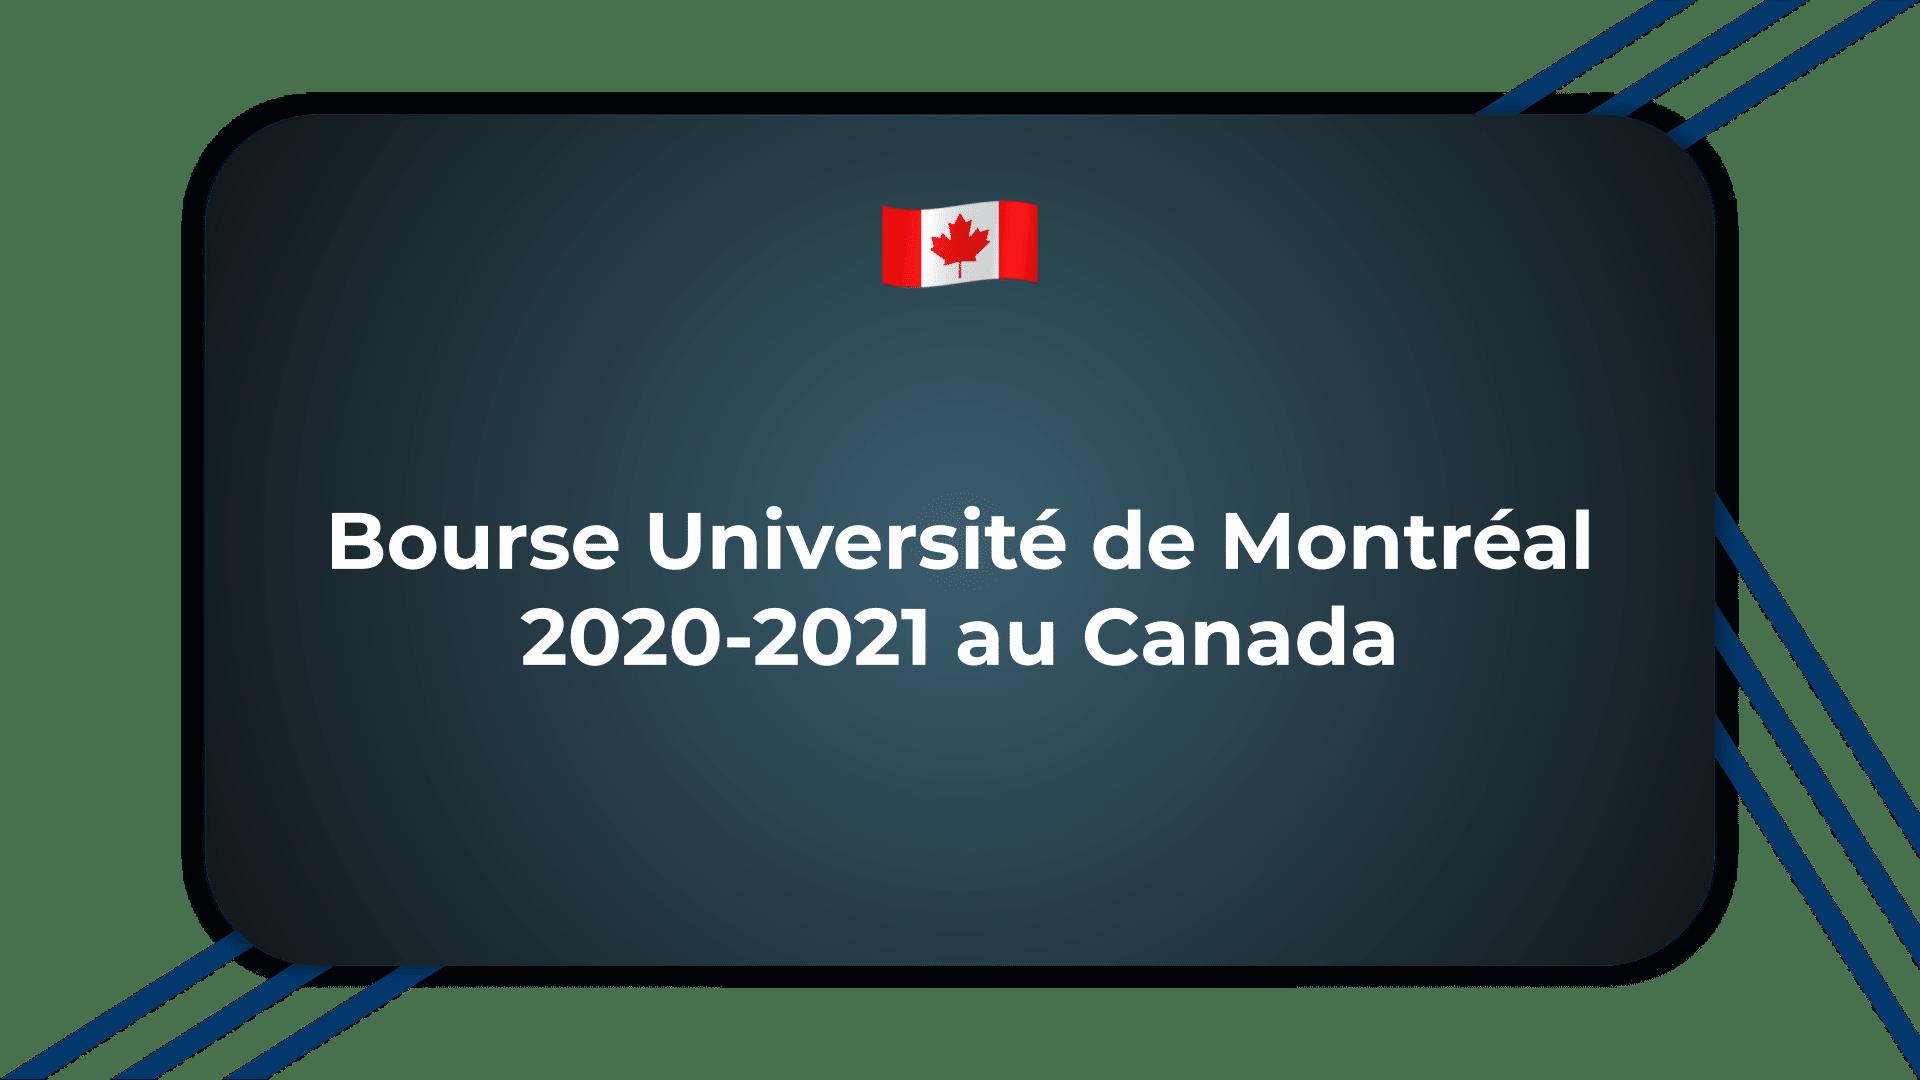 Bourse Université de Montréal